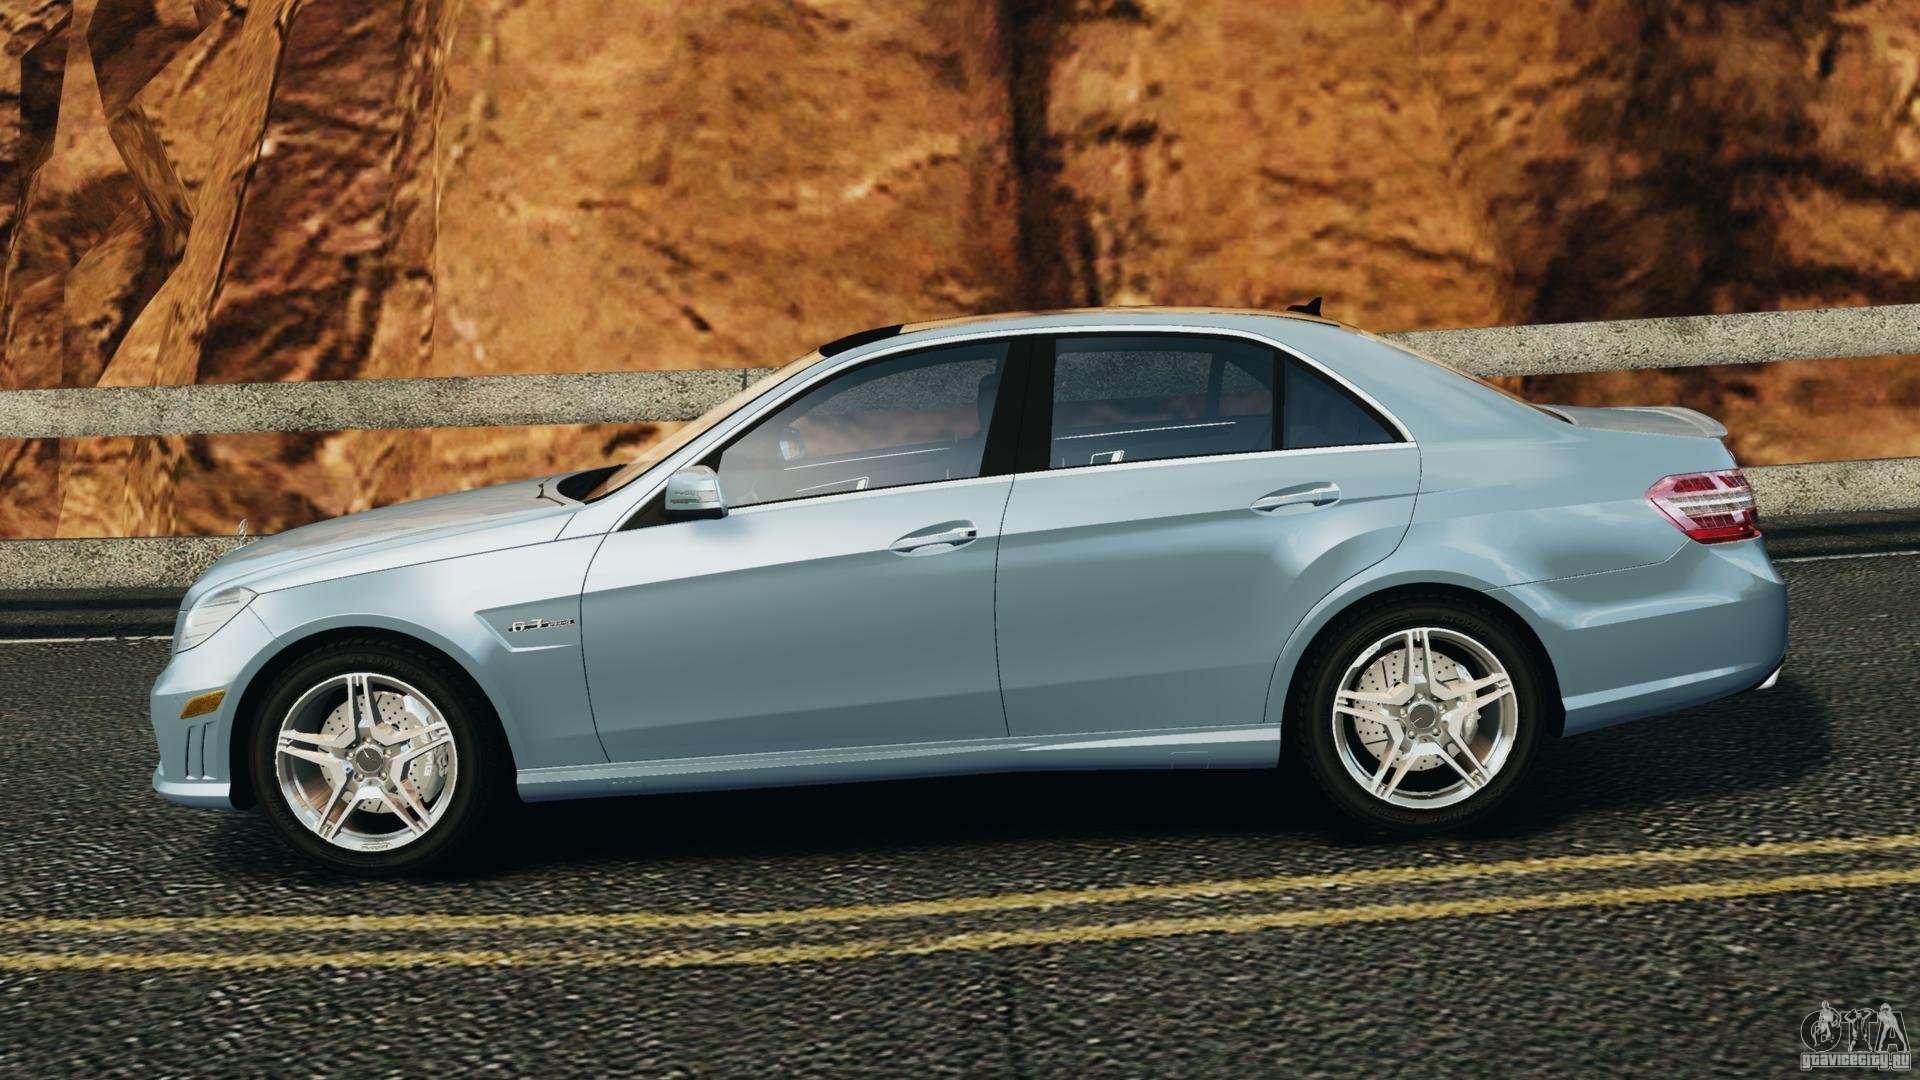 Mercedes benz e63 amg 2010 for gta 4 for Mercedes benz e63 2010